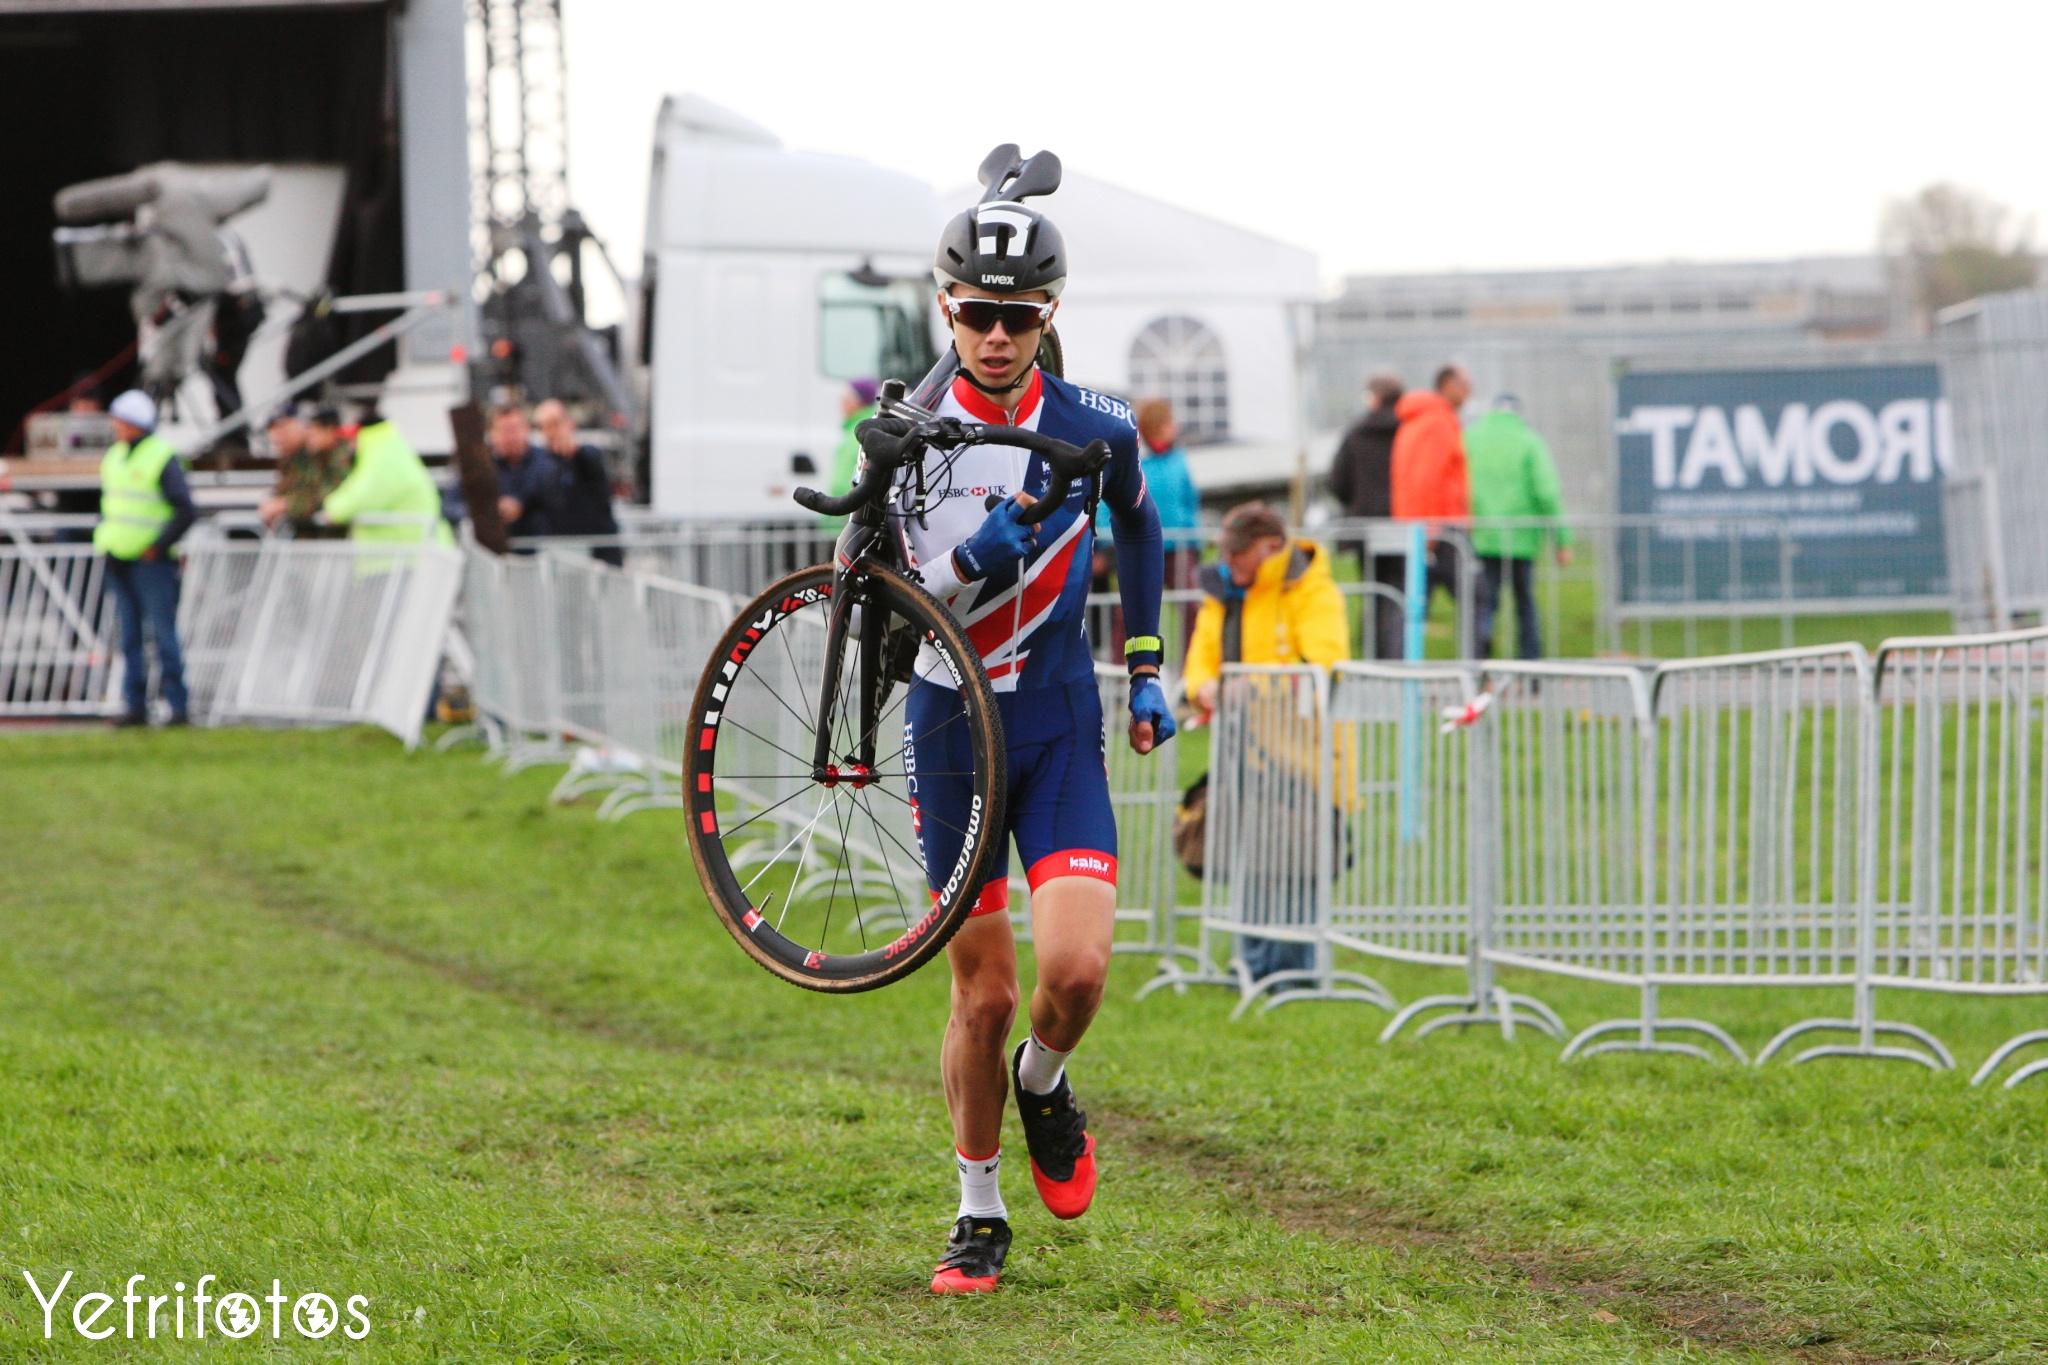 Koksijde -UCI Cyclocross World Cup - Matthew Ellis